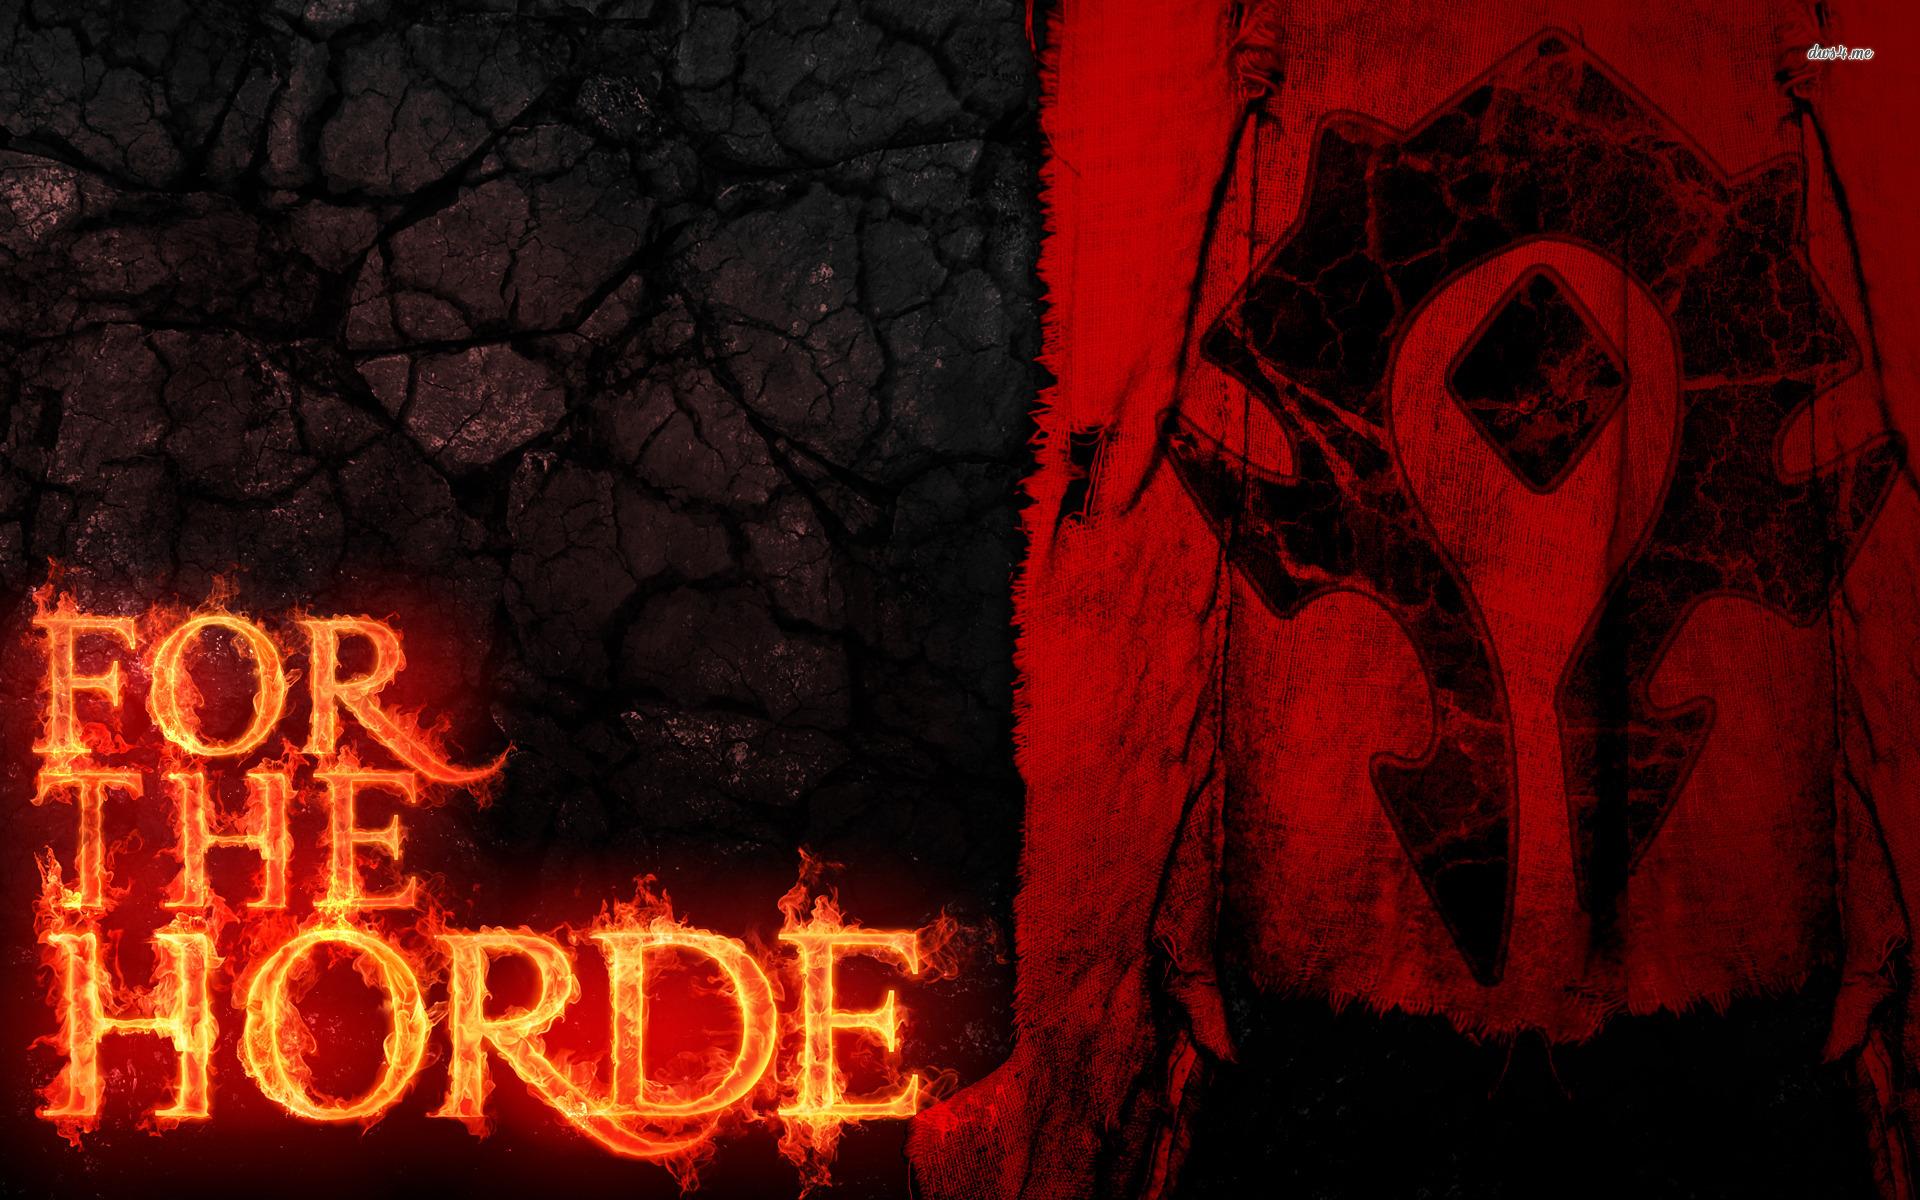 Horde Symbol Wallpaper